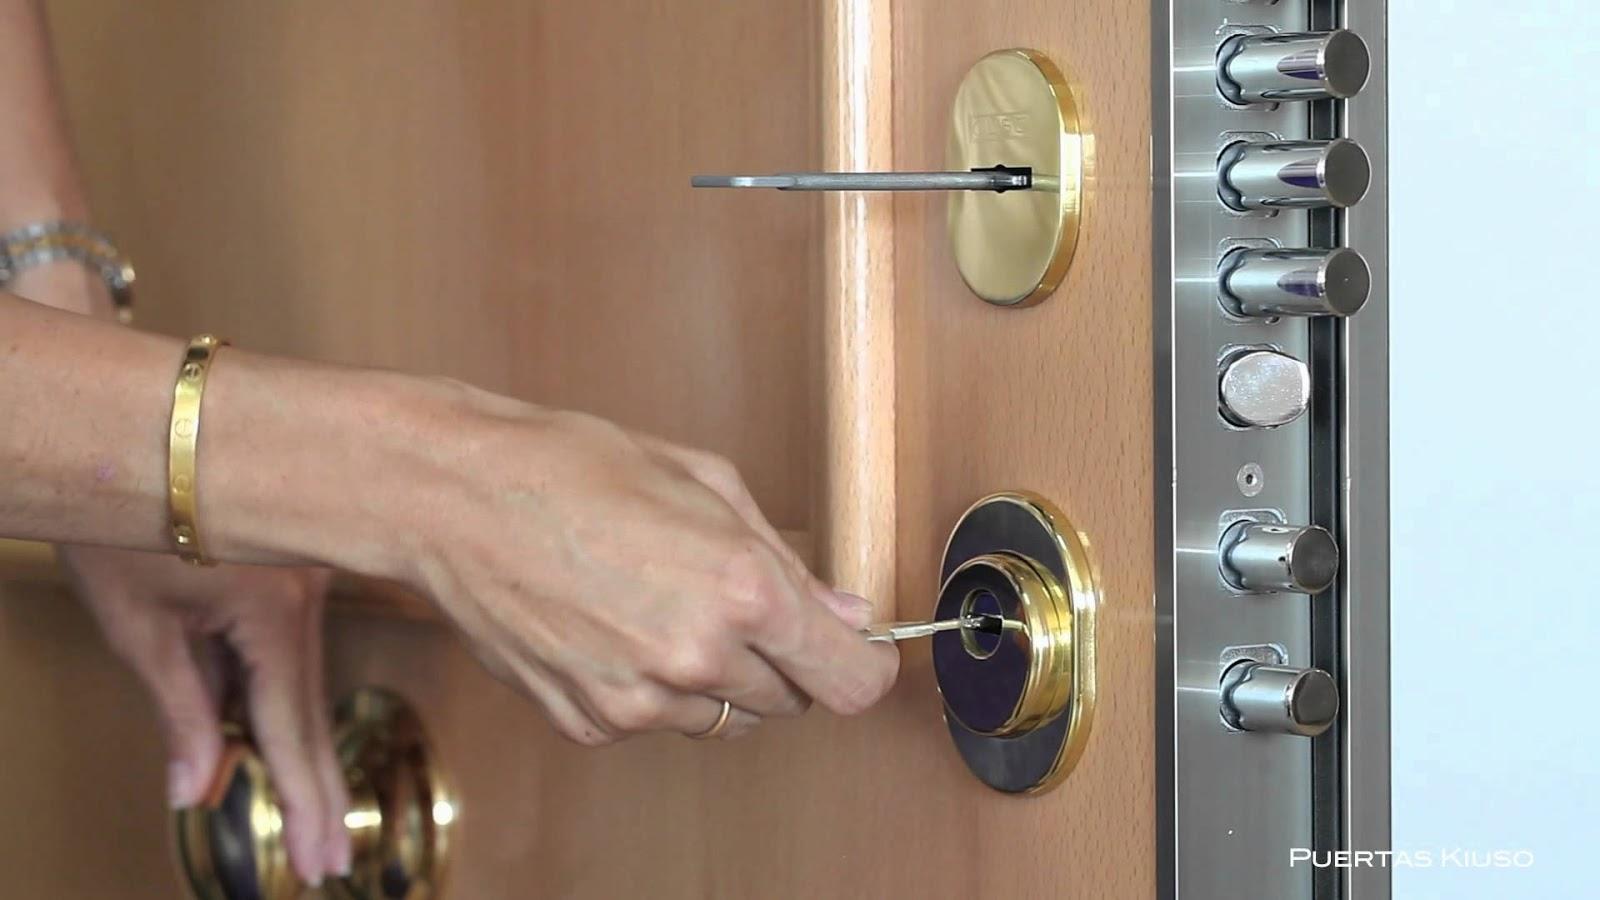 Pakaver cambio de borjas por bombillo - Cerraduras de seguridad ...